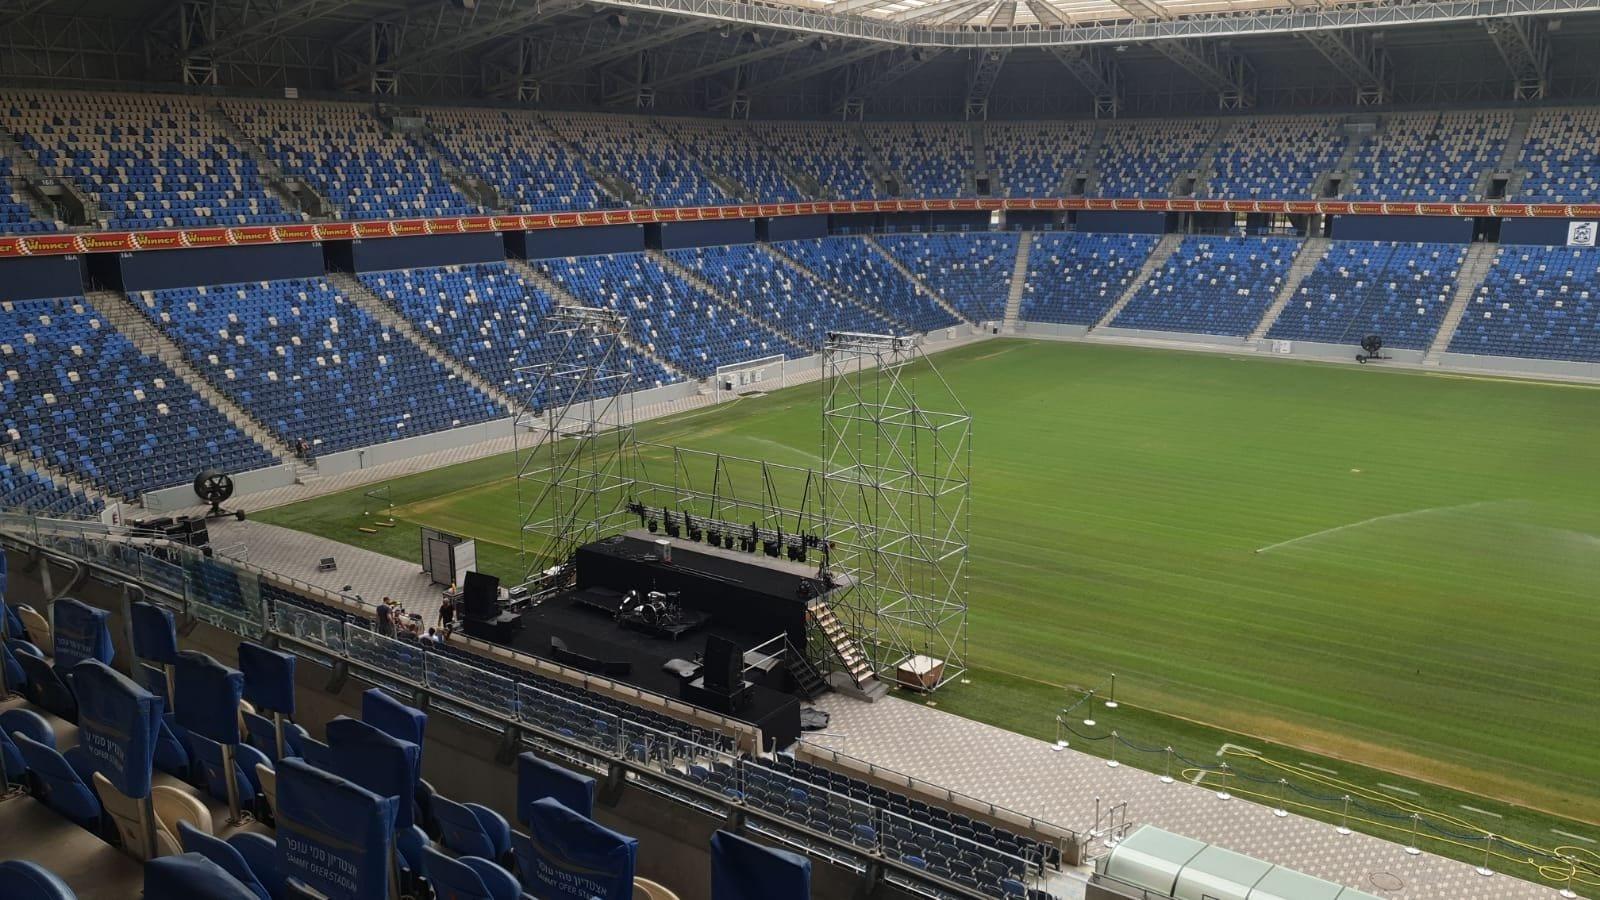 הקמת במה להופעה סגורה באצטדיון